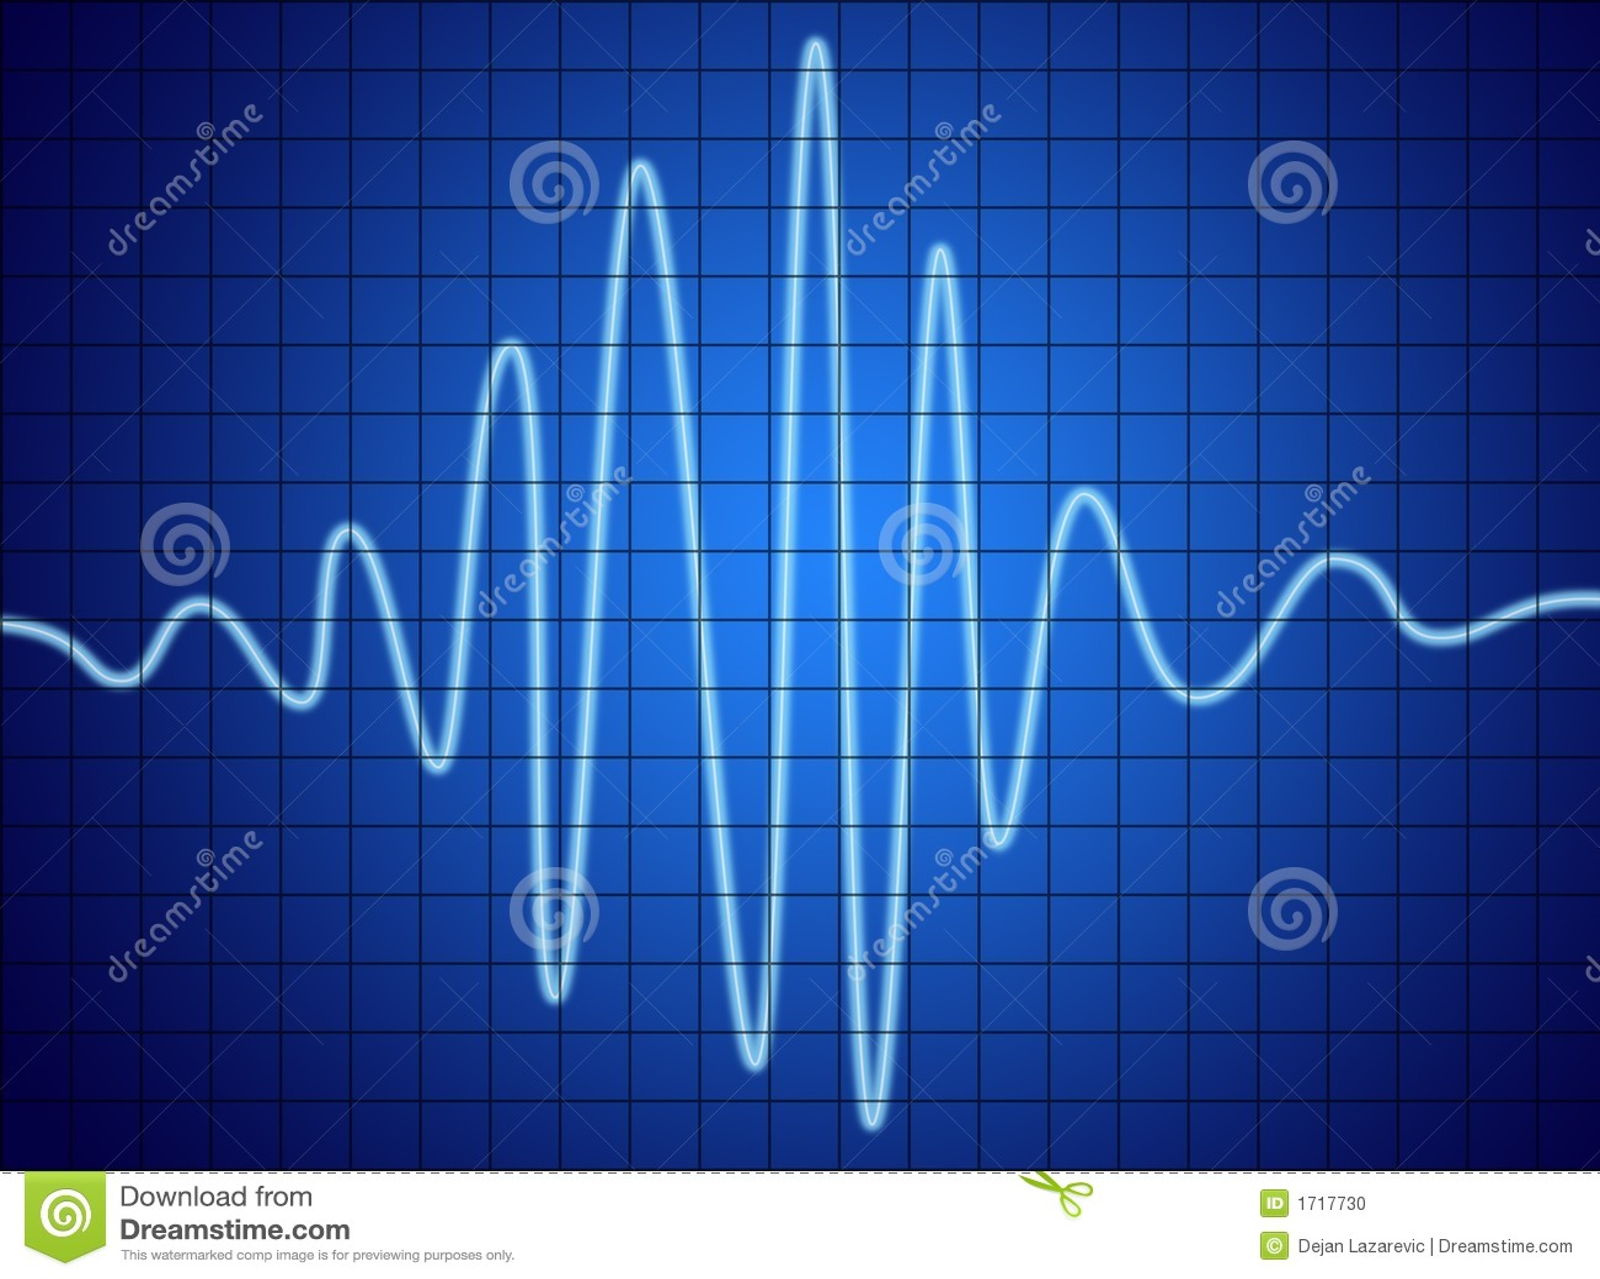 Ljudsignalsignalering